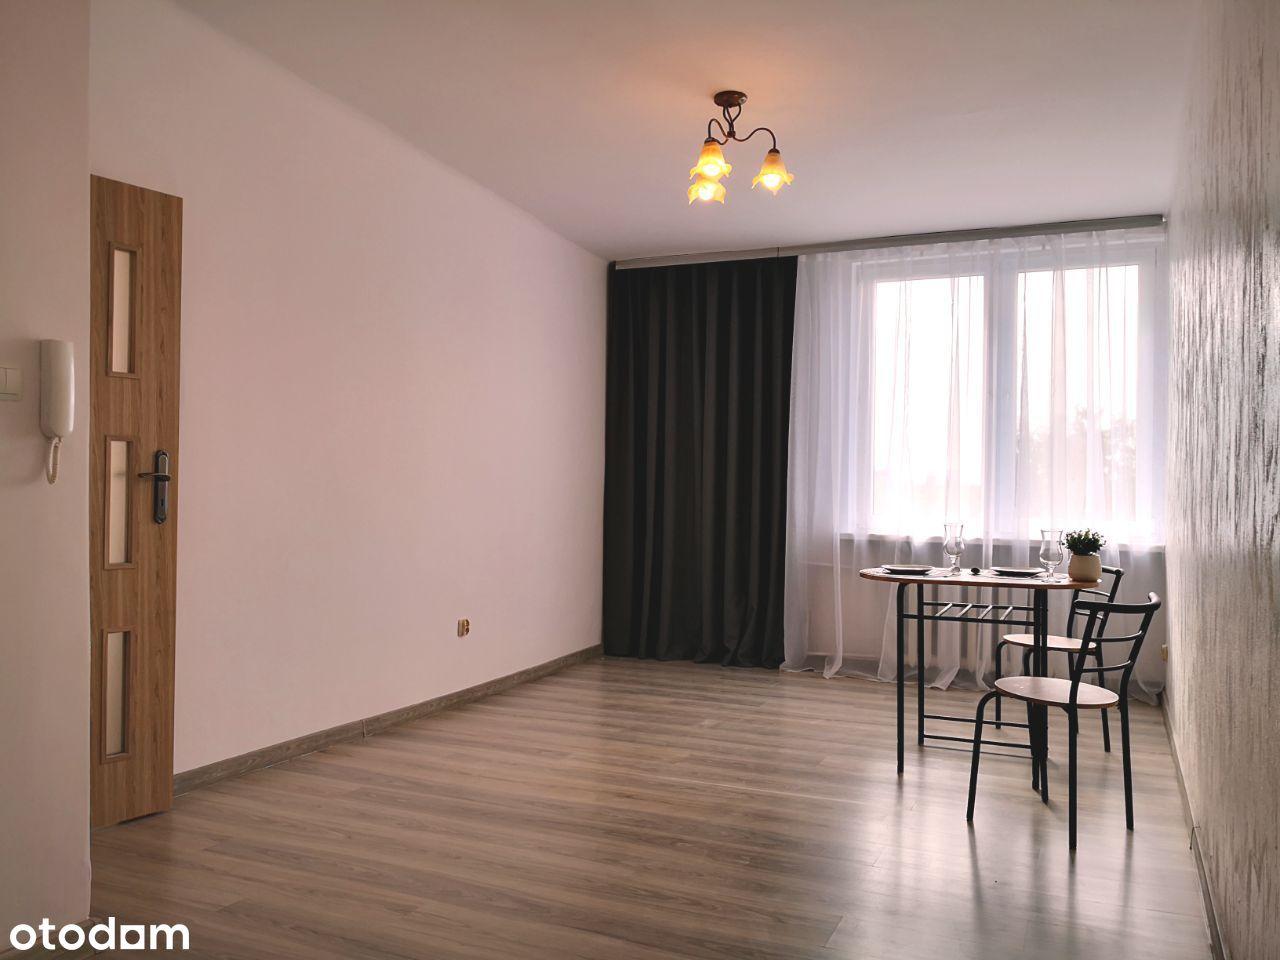 Mieszkanie 2 pokojowe idealne pod inwestycję